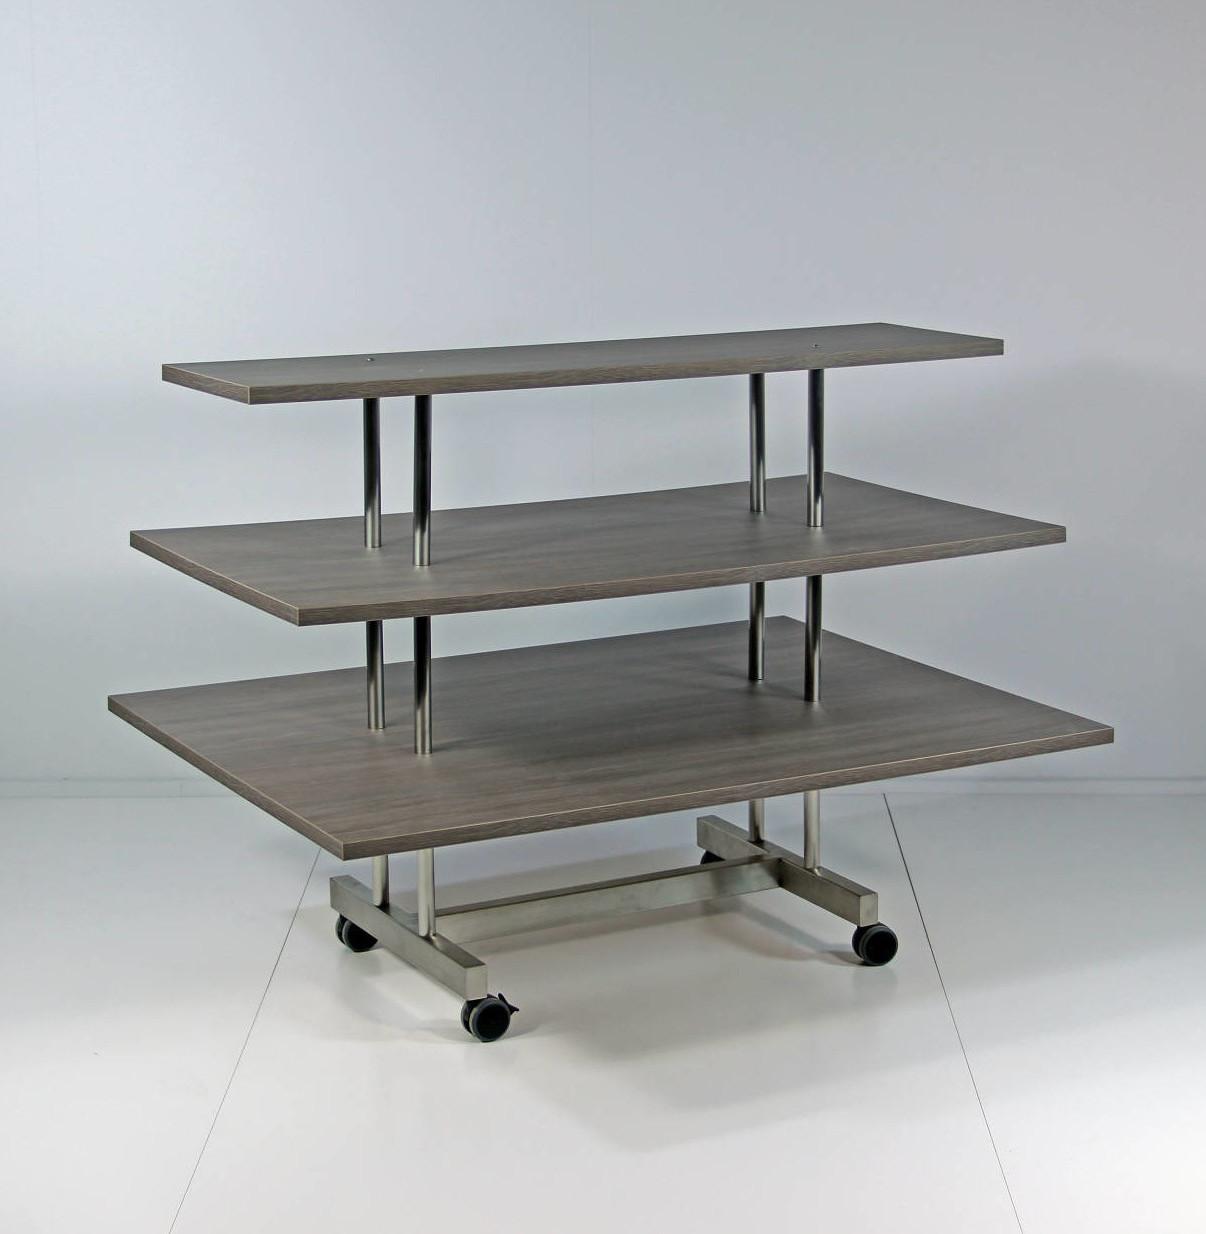 Salgsbordet med 3 hylder kan sælge mange varer, og præsenterer tøjet på en flot måde.